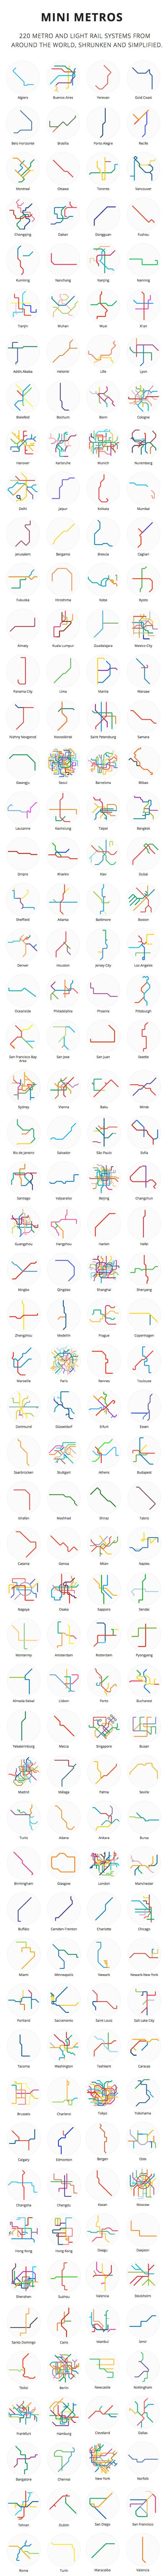 plan-métro-carte-simplifiée